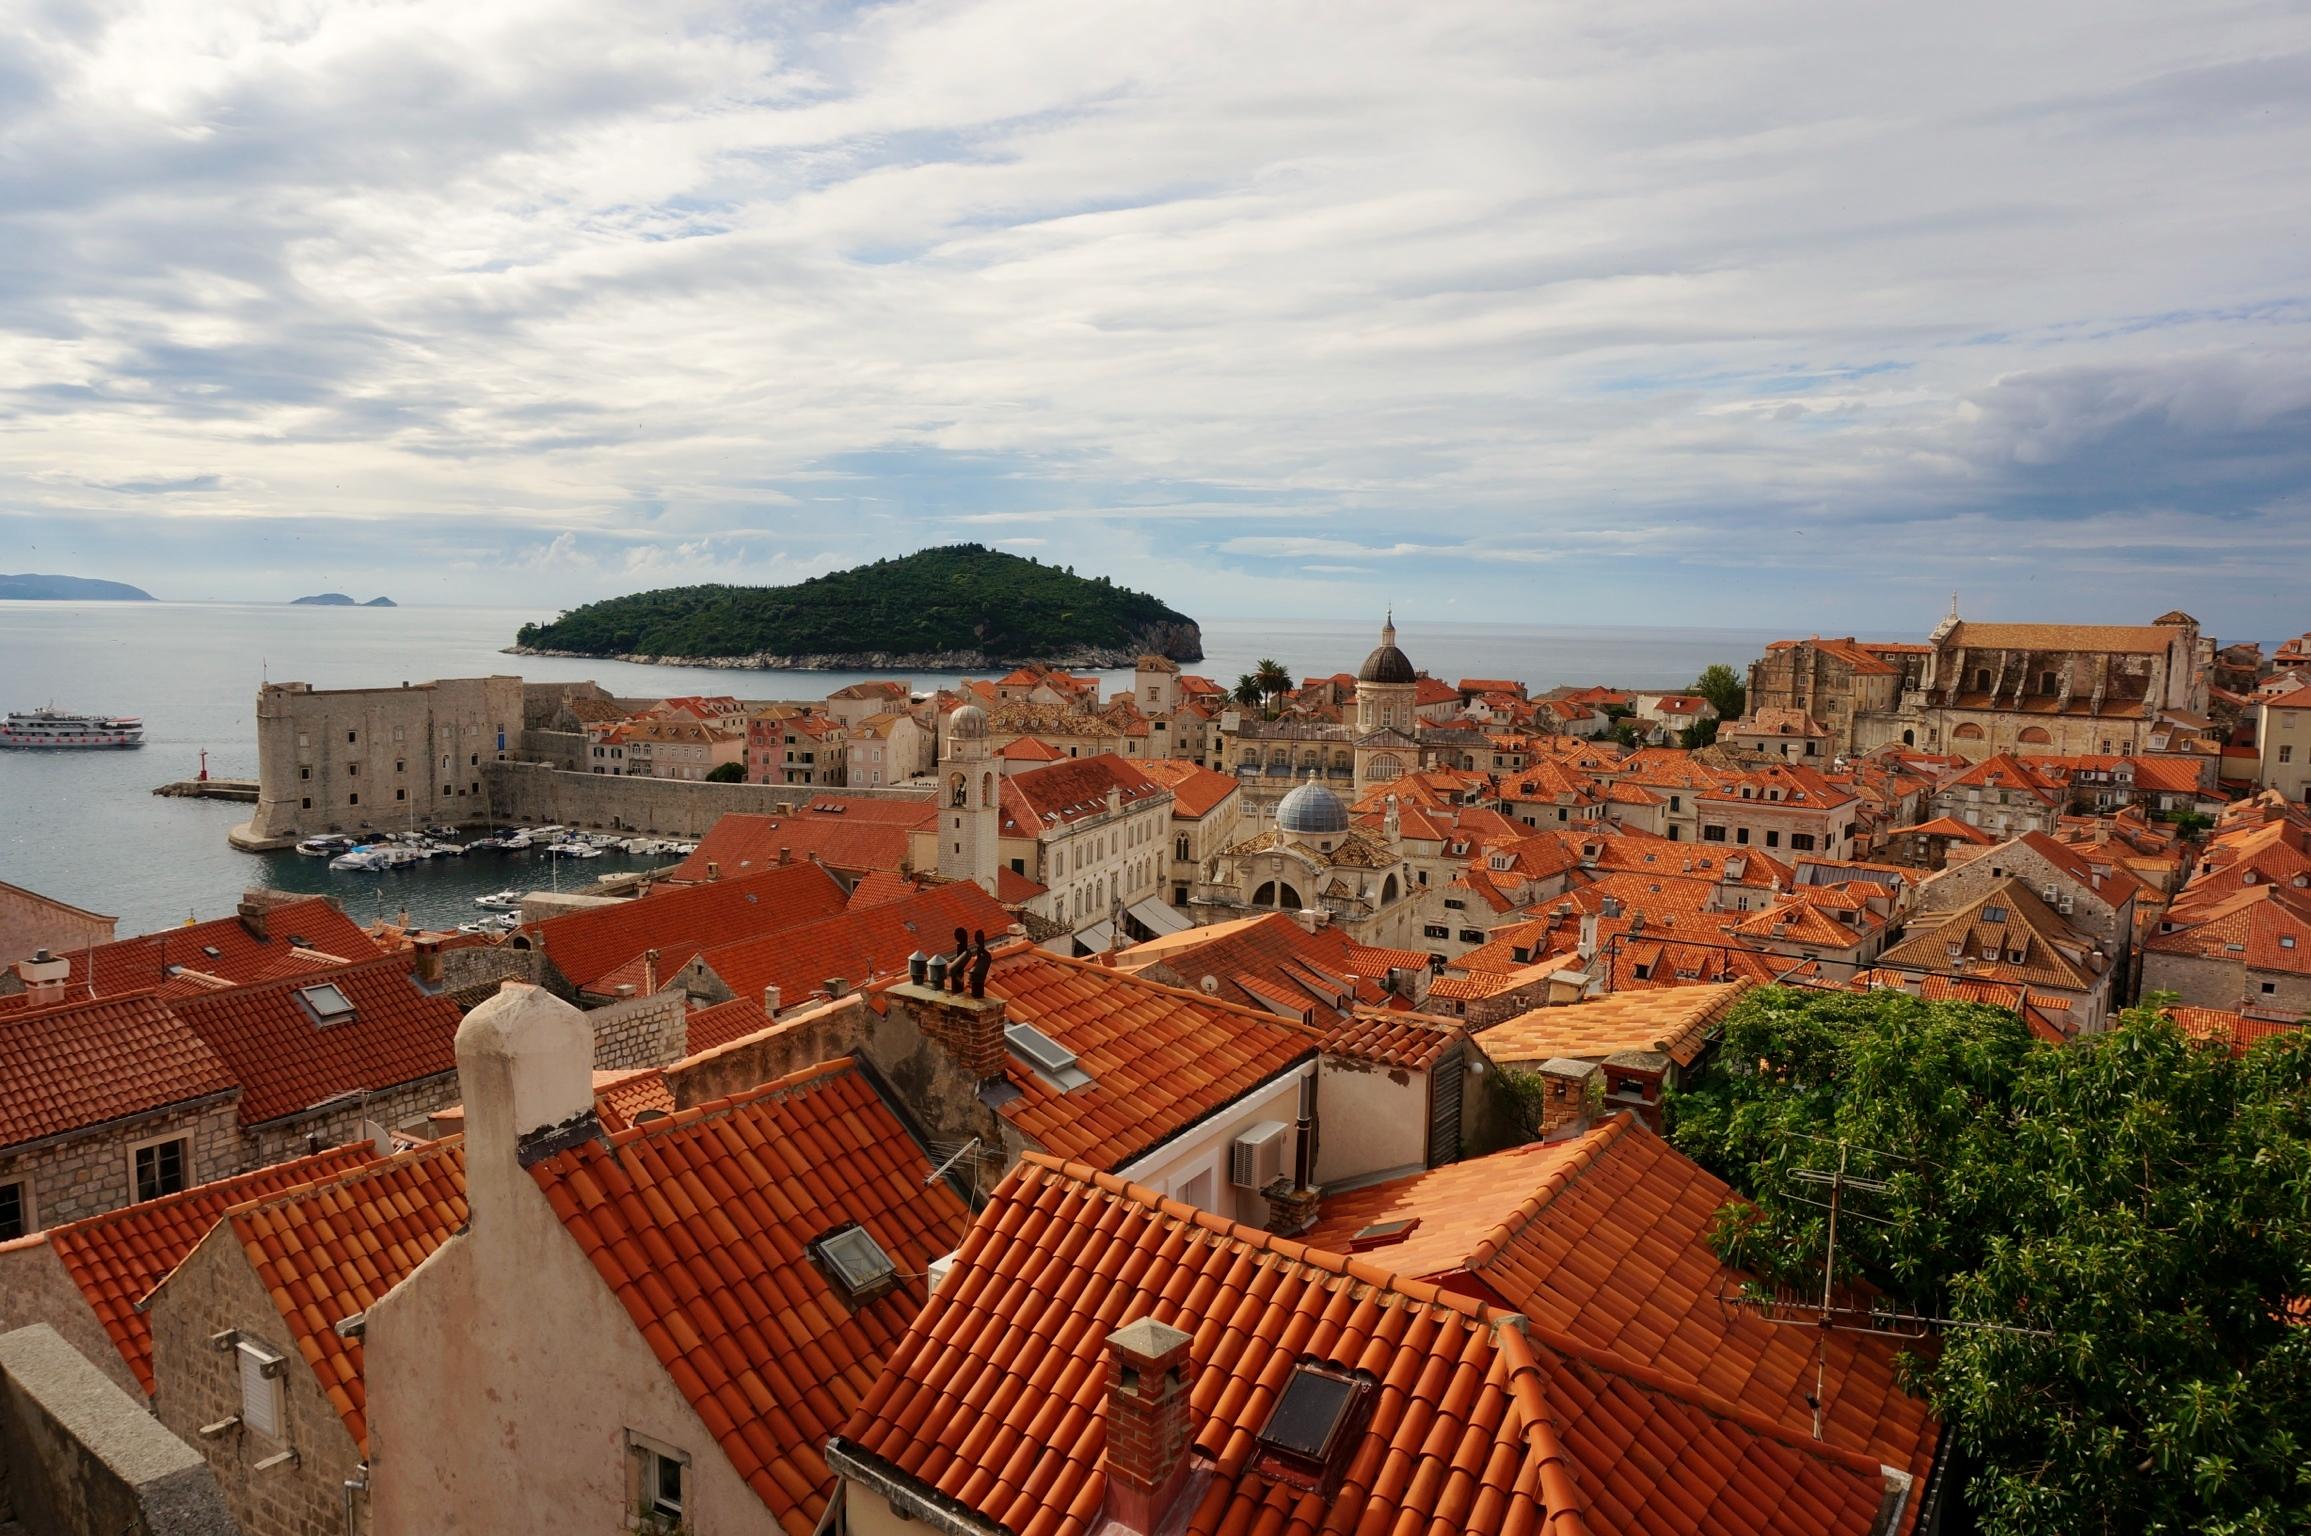 英国語学留学前の半年間でANAのマイレージを貯め渡英、クロアチアで途中降機も。